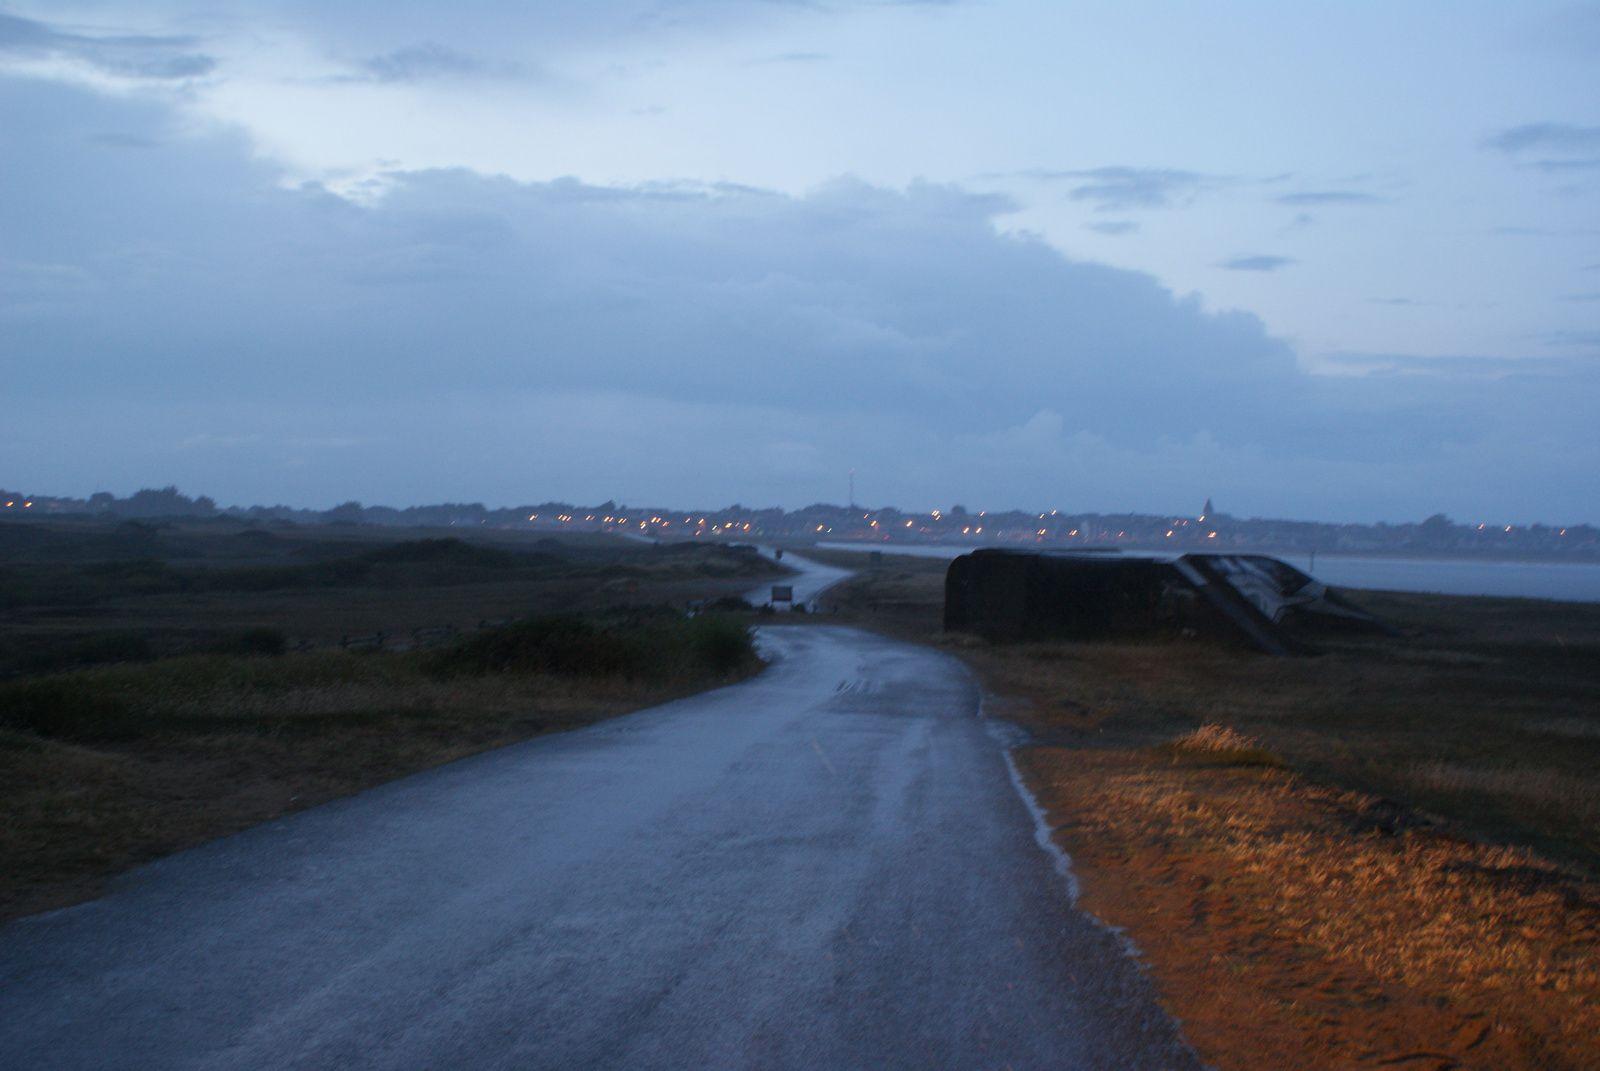 L'orage monte sur la barre. Bientôt c'est une pluie drue qui tombe sur Etel.